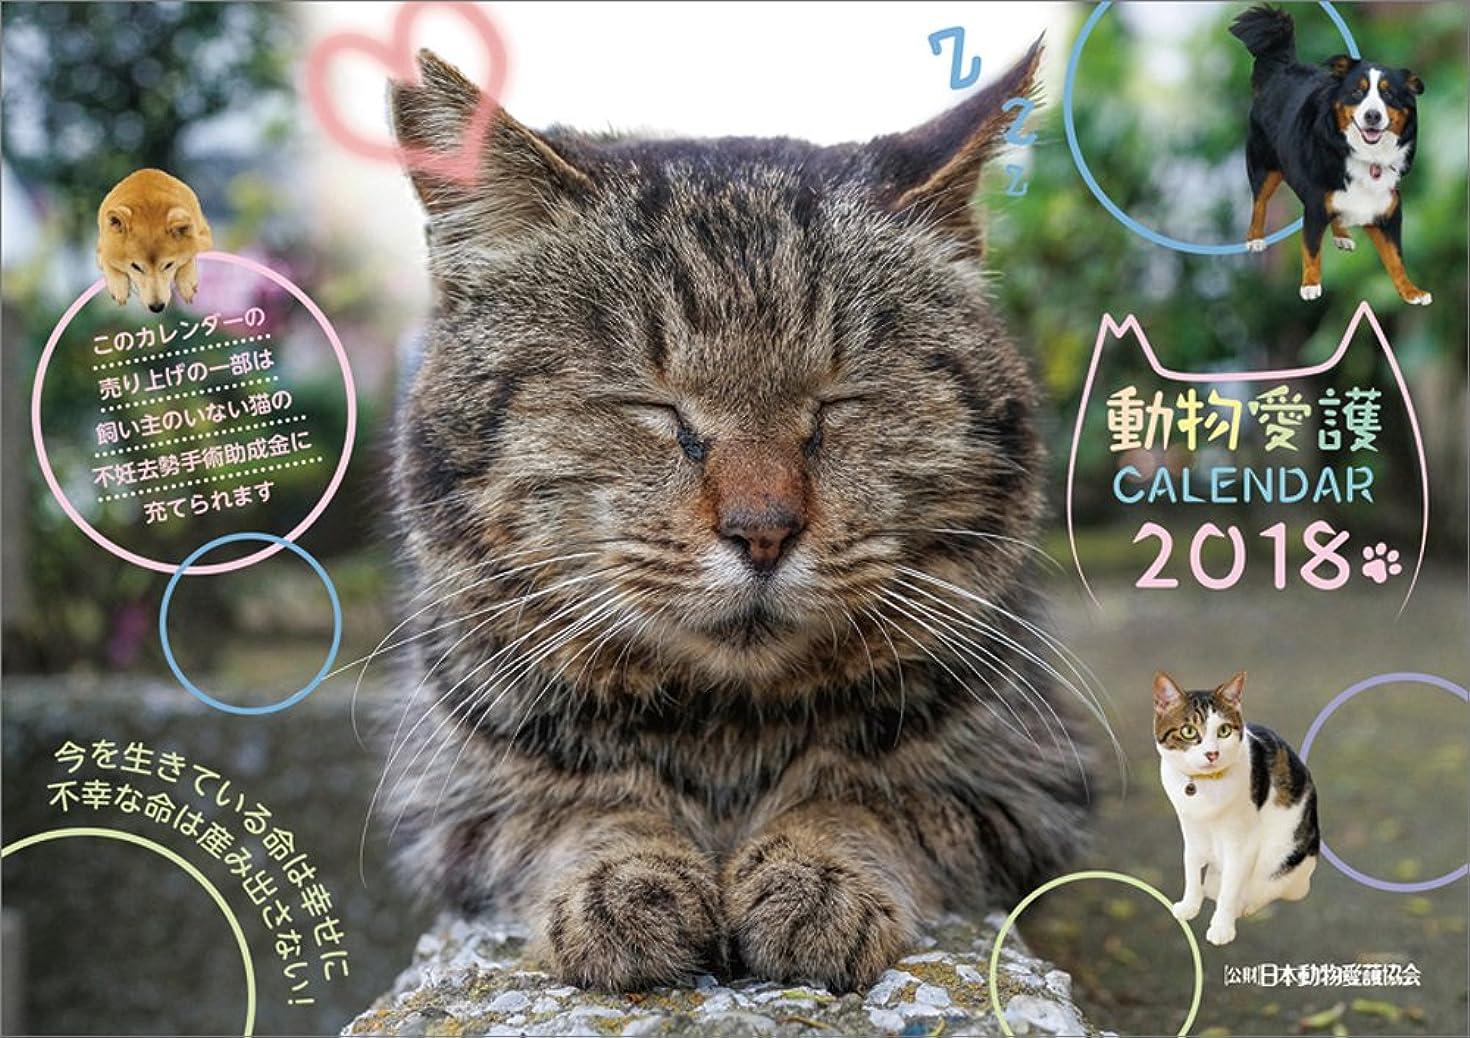 反逆ハリウッド細分化する日本動物愛護協会 2018年 カレンダー 壁掛け CL-376